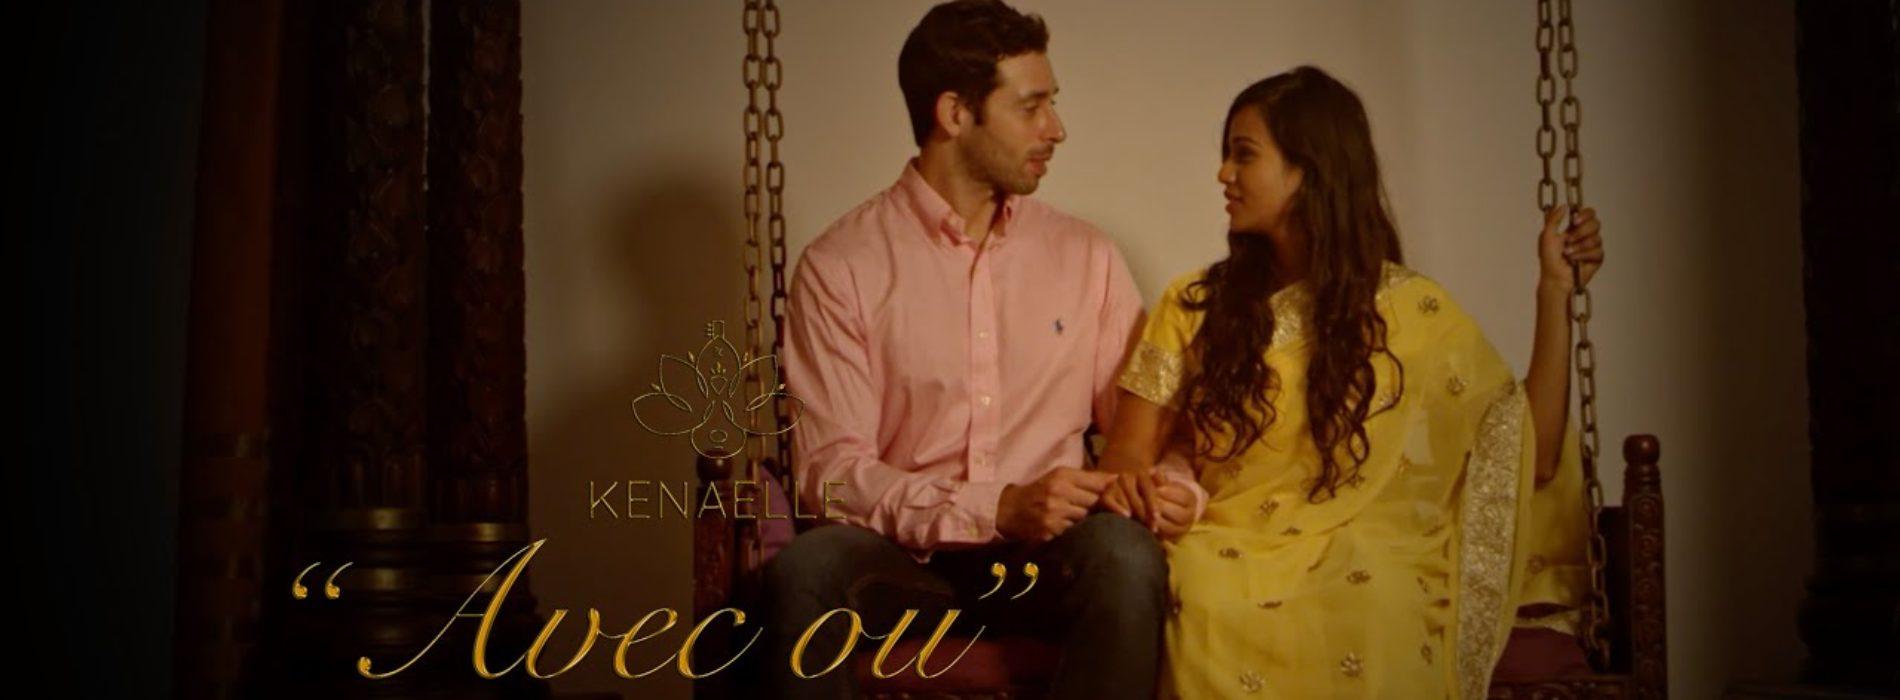 Kénaelle – AVEC OU (Official Video) – Juillet 2019